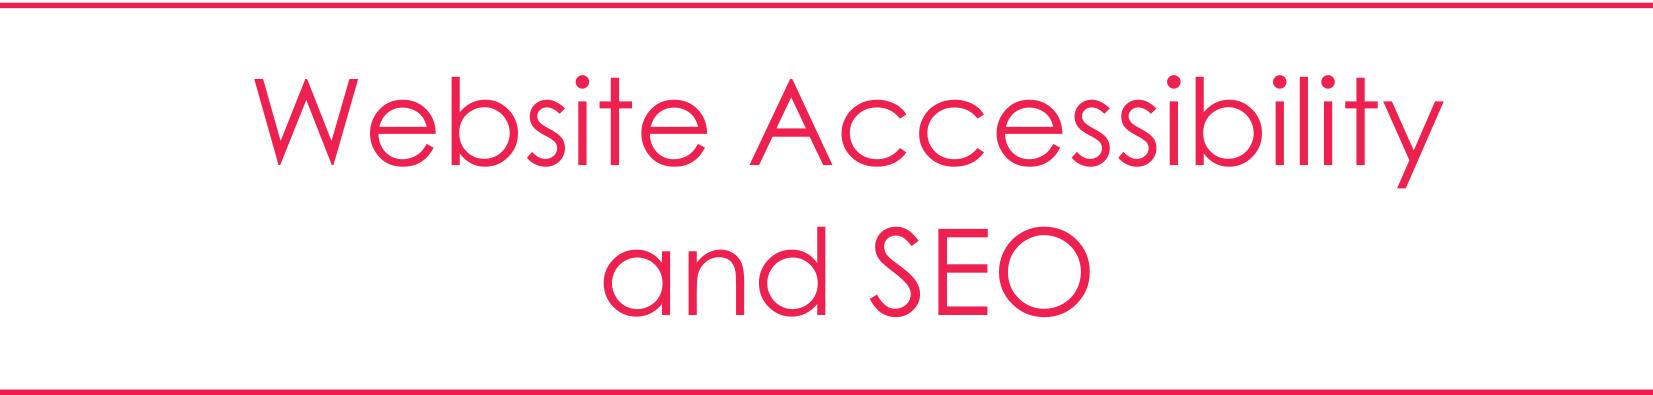 web-accessibility-seo